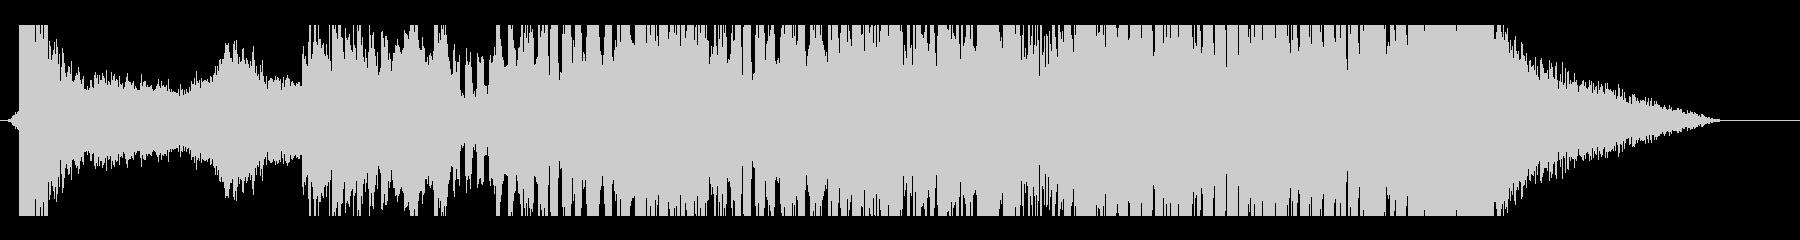 ノリのあるインパクトを与えるオープニングの未再生の波形